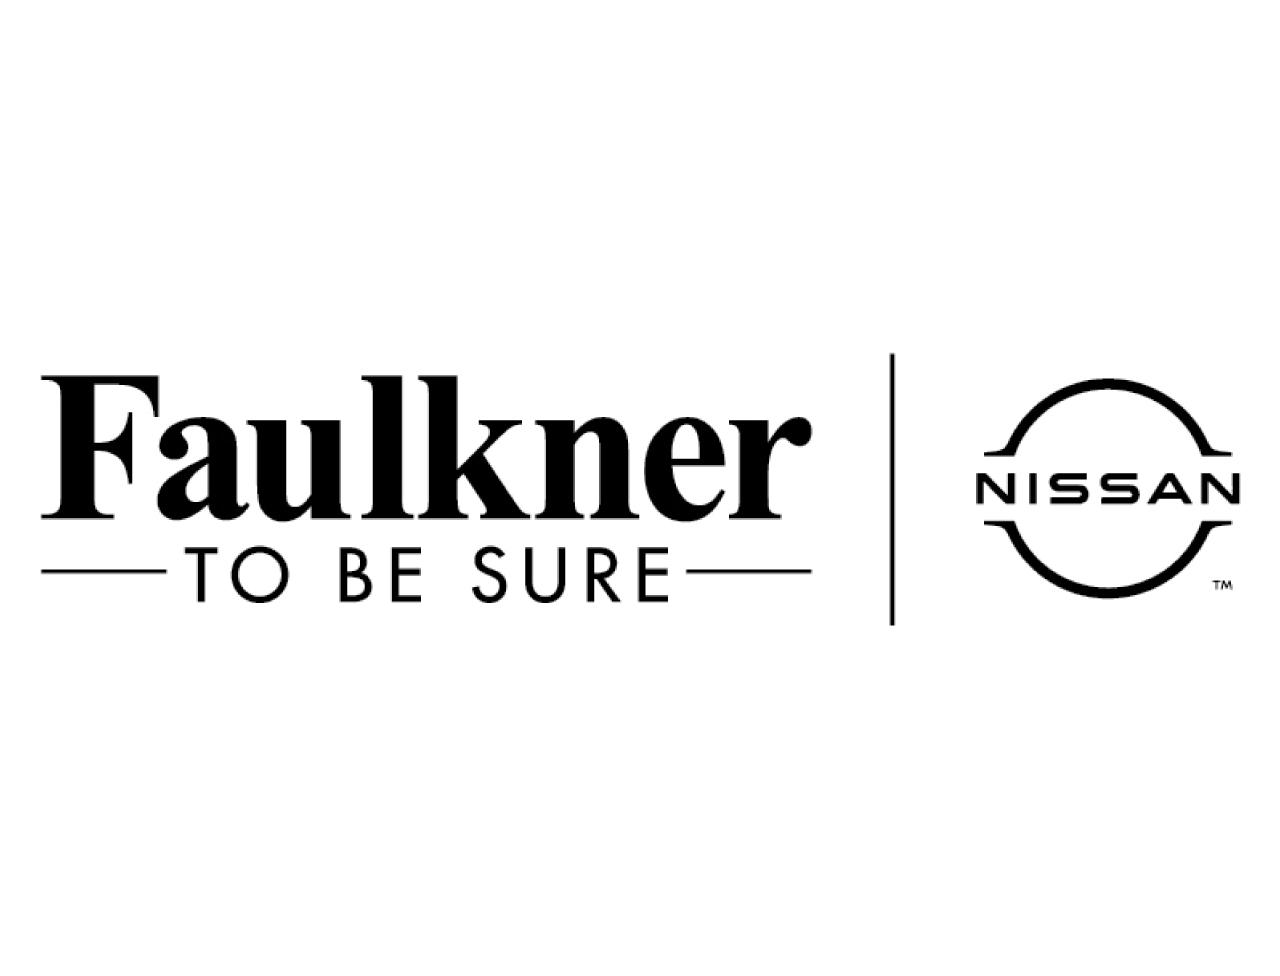 Faulkner Nissan